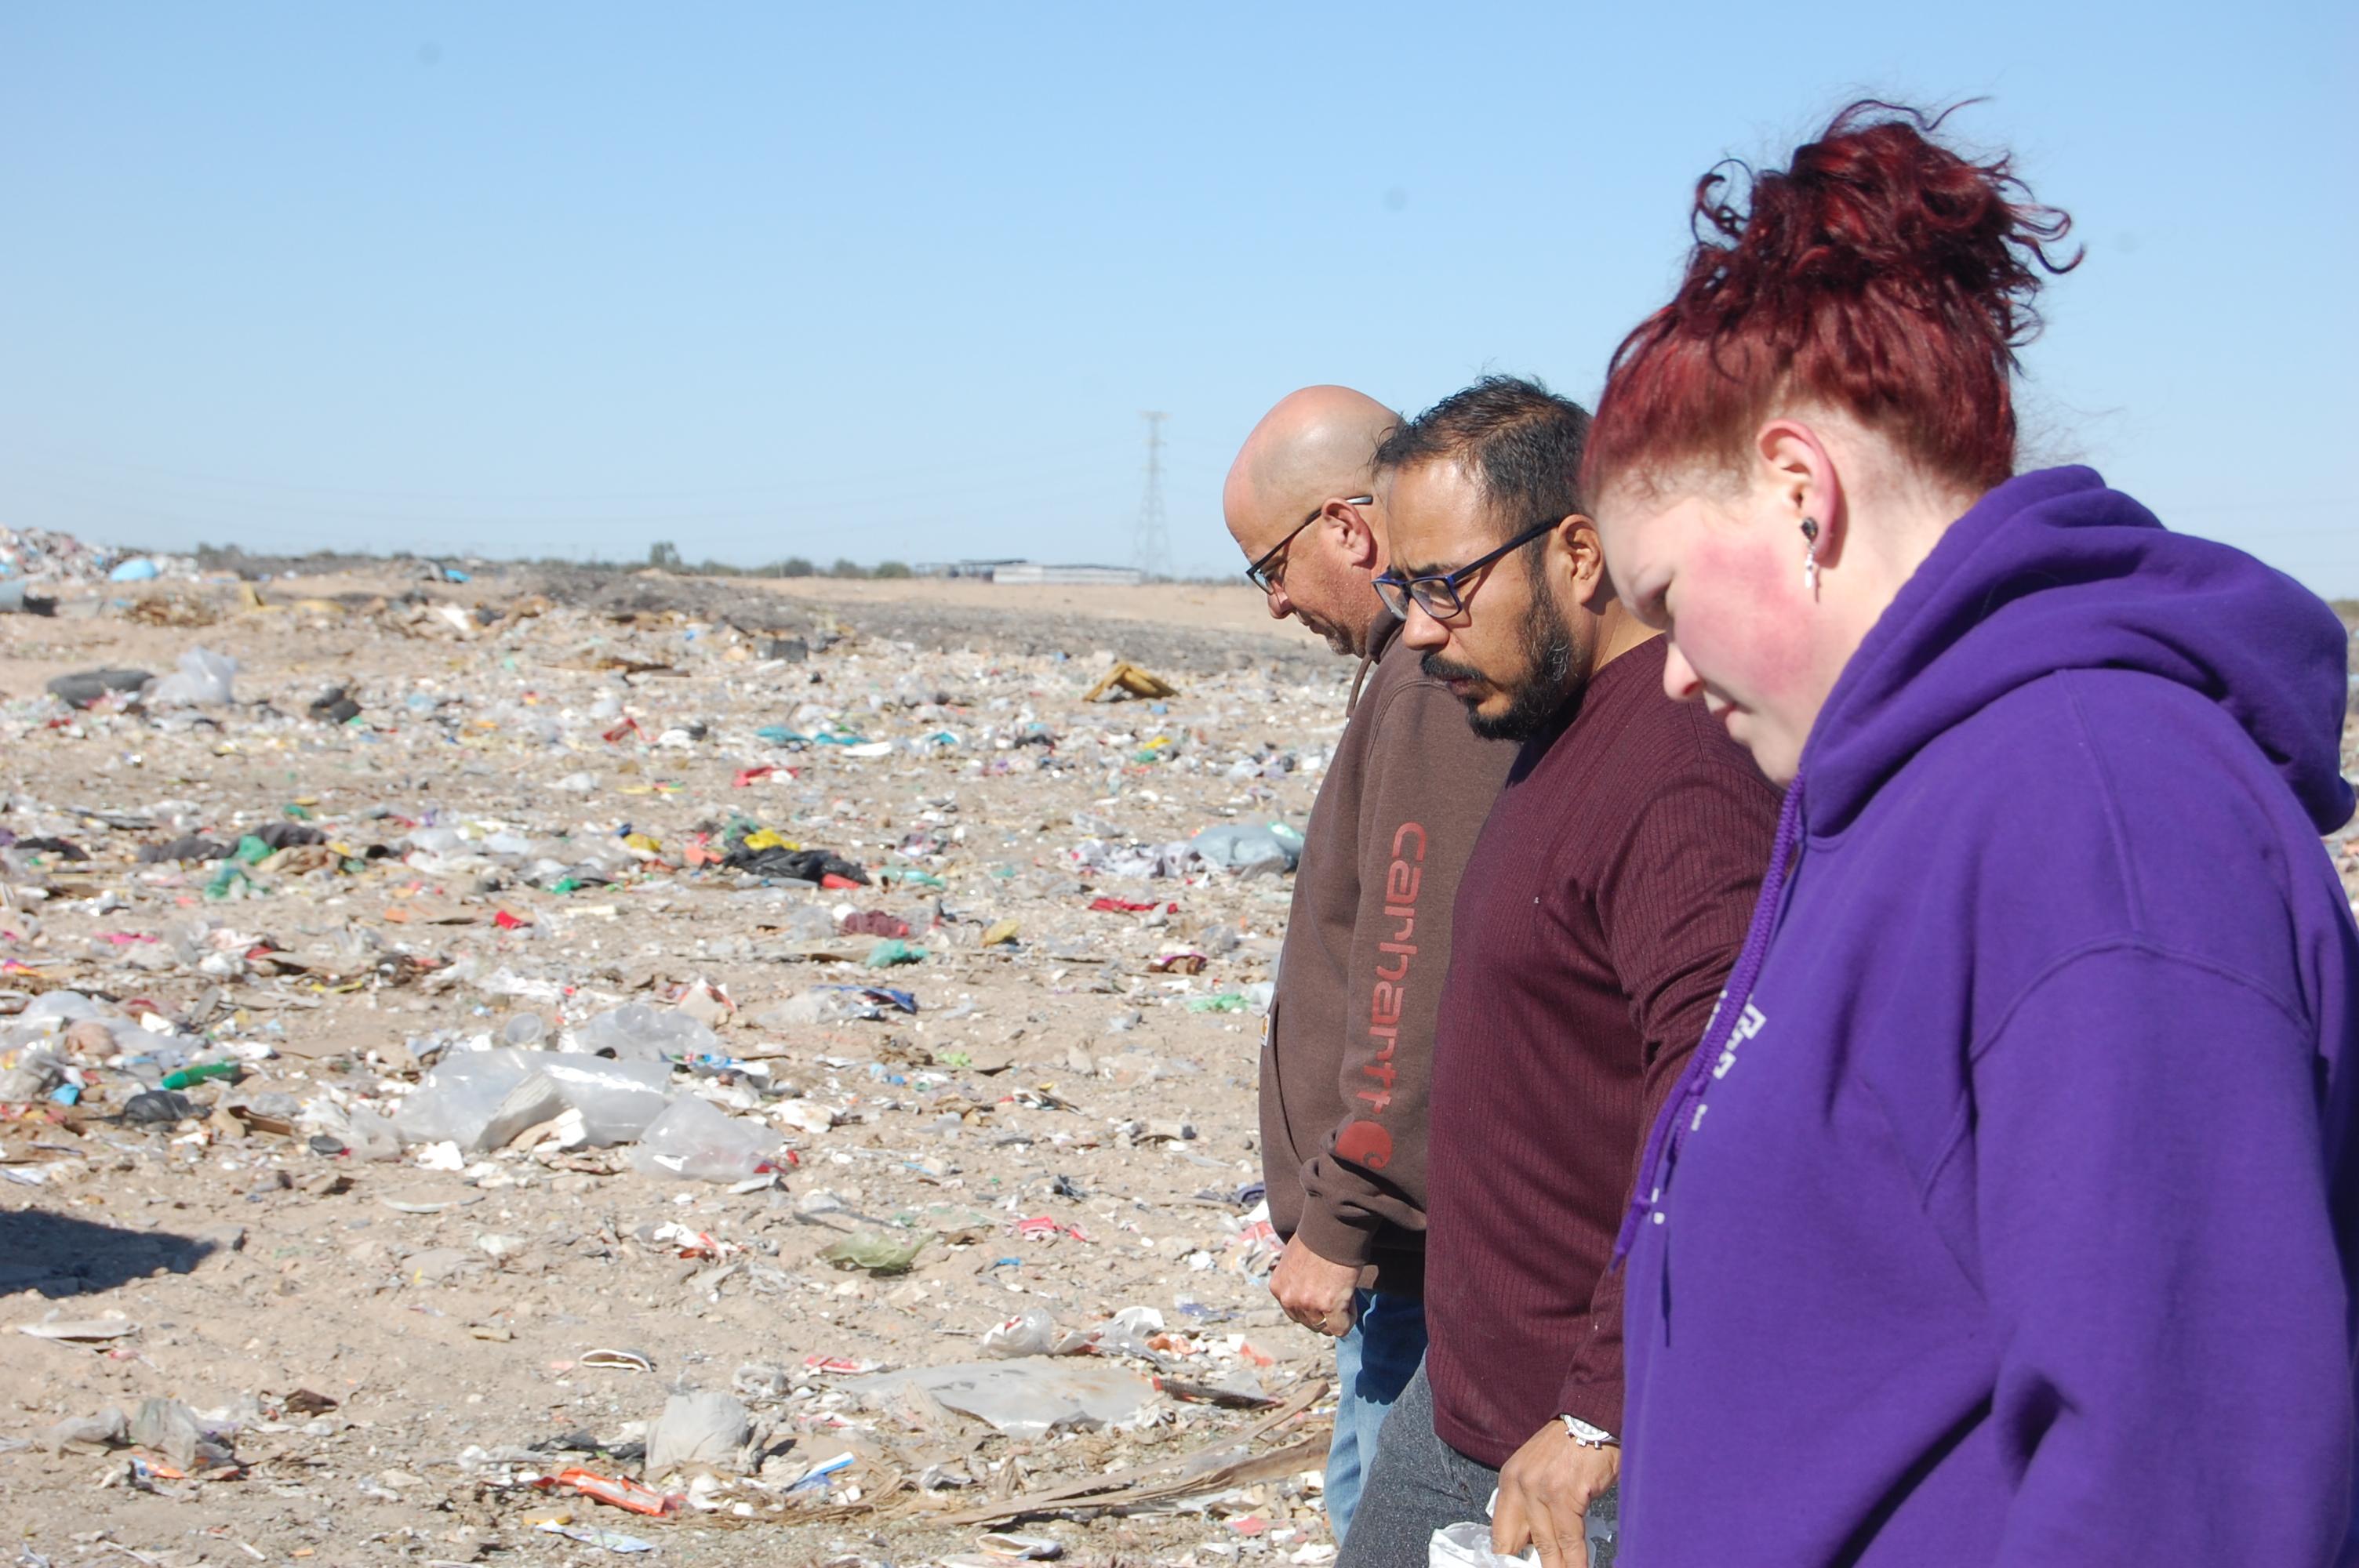 Praying at the dump